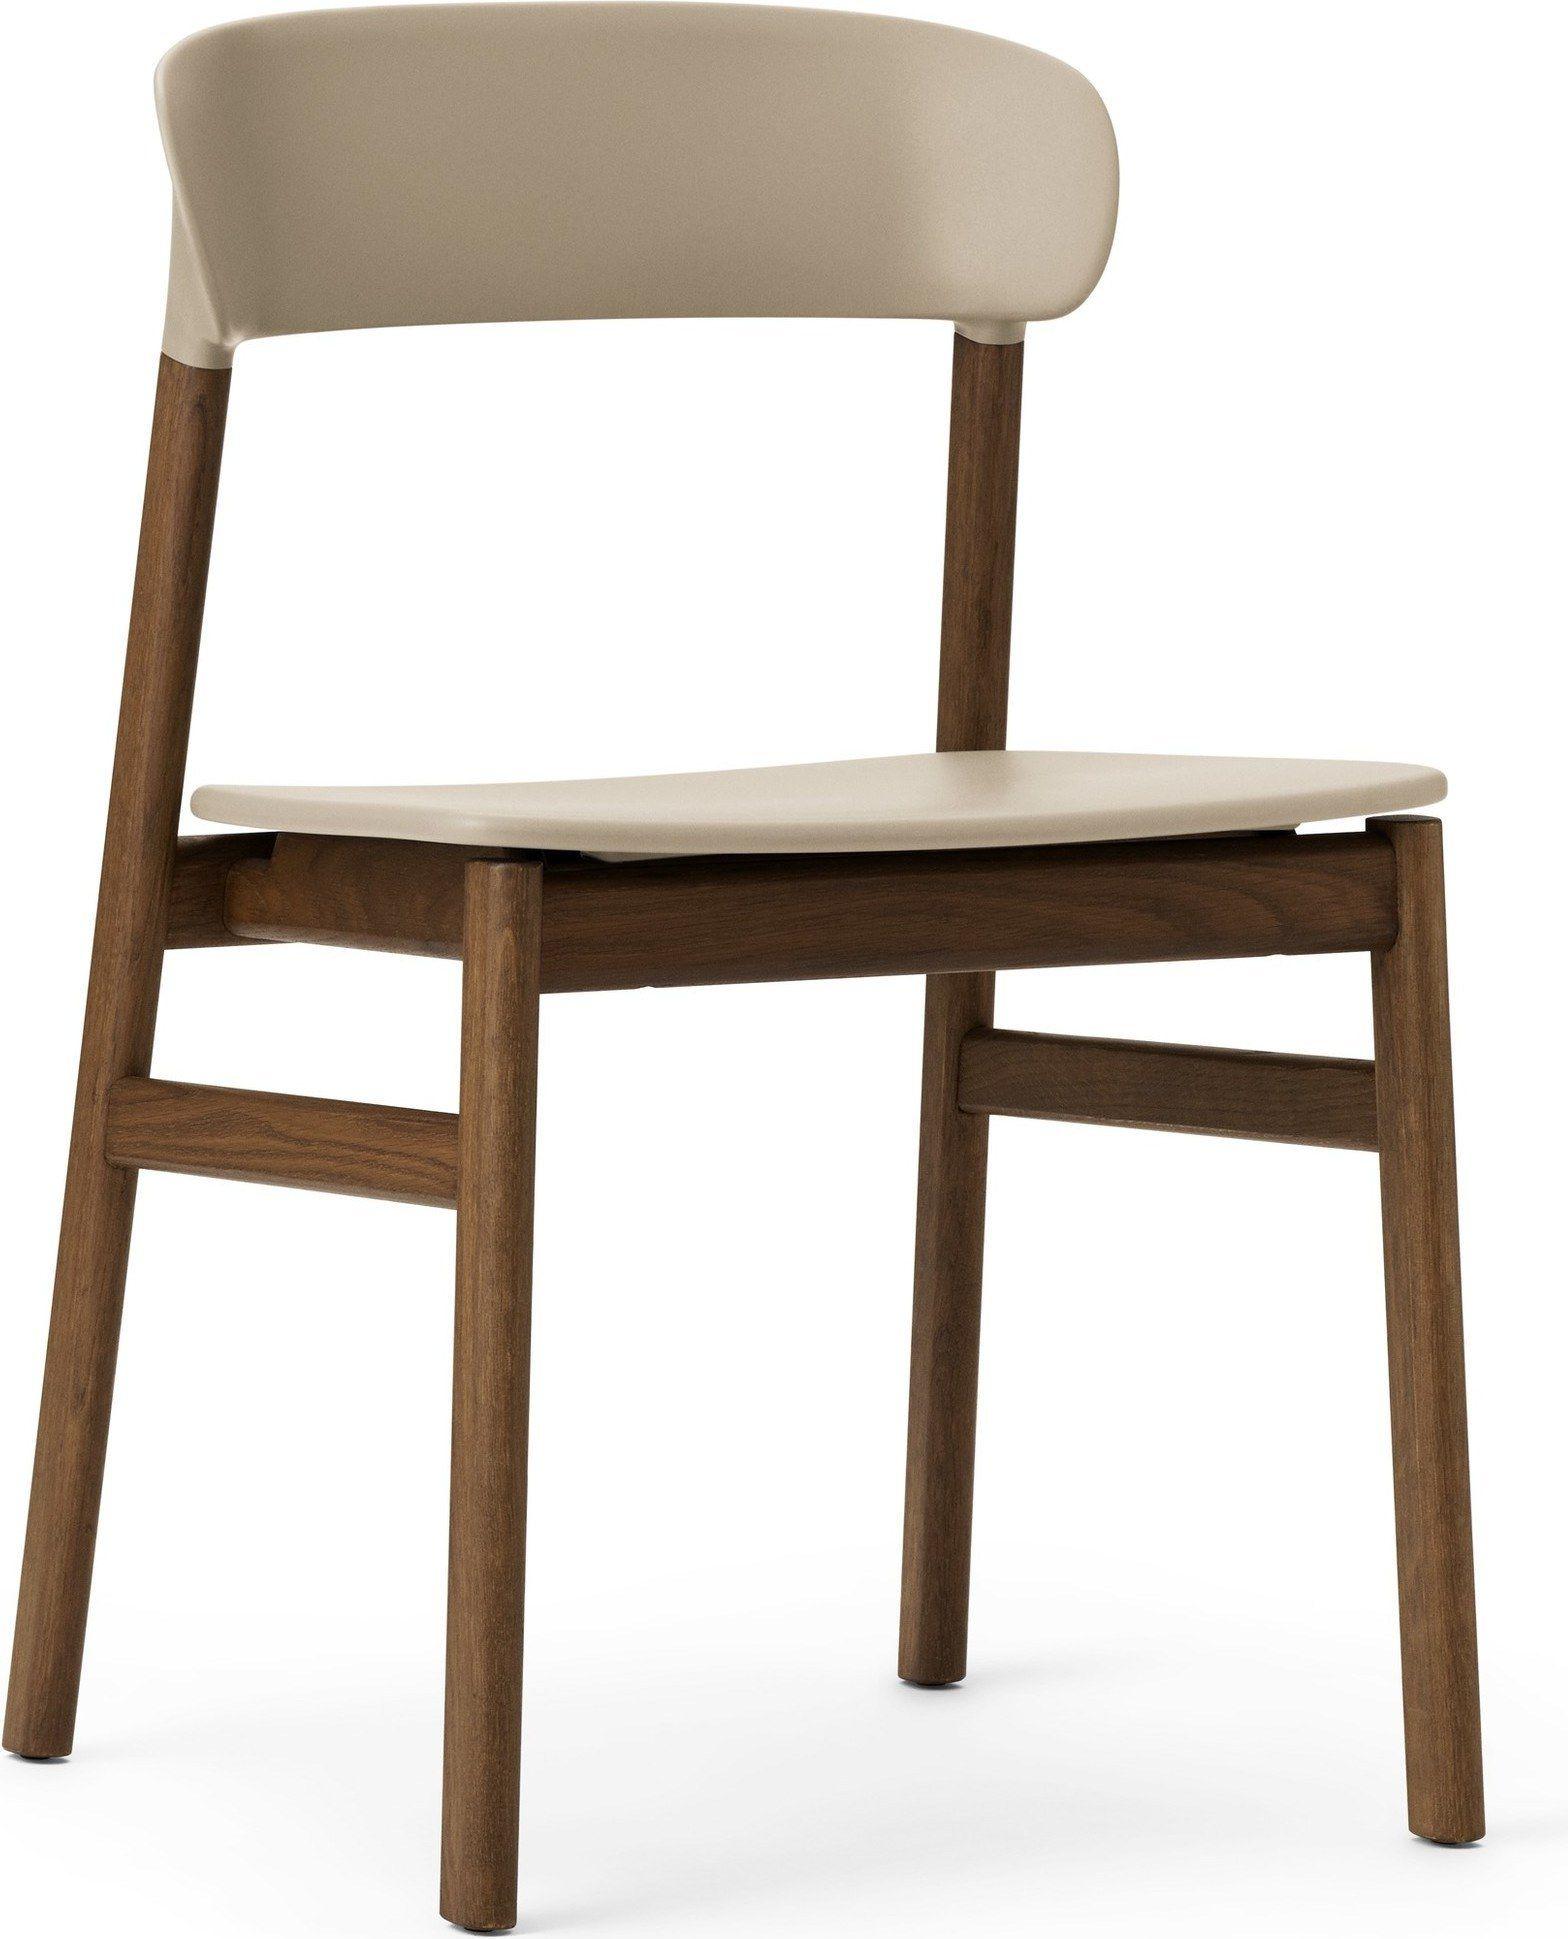 Nowoczesne Biale Krzesla Do Kuchni Krzesla Drewniane Do Jadalni